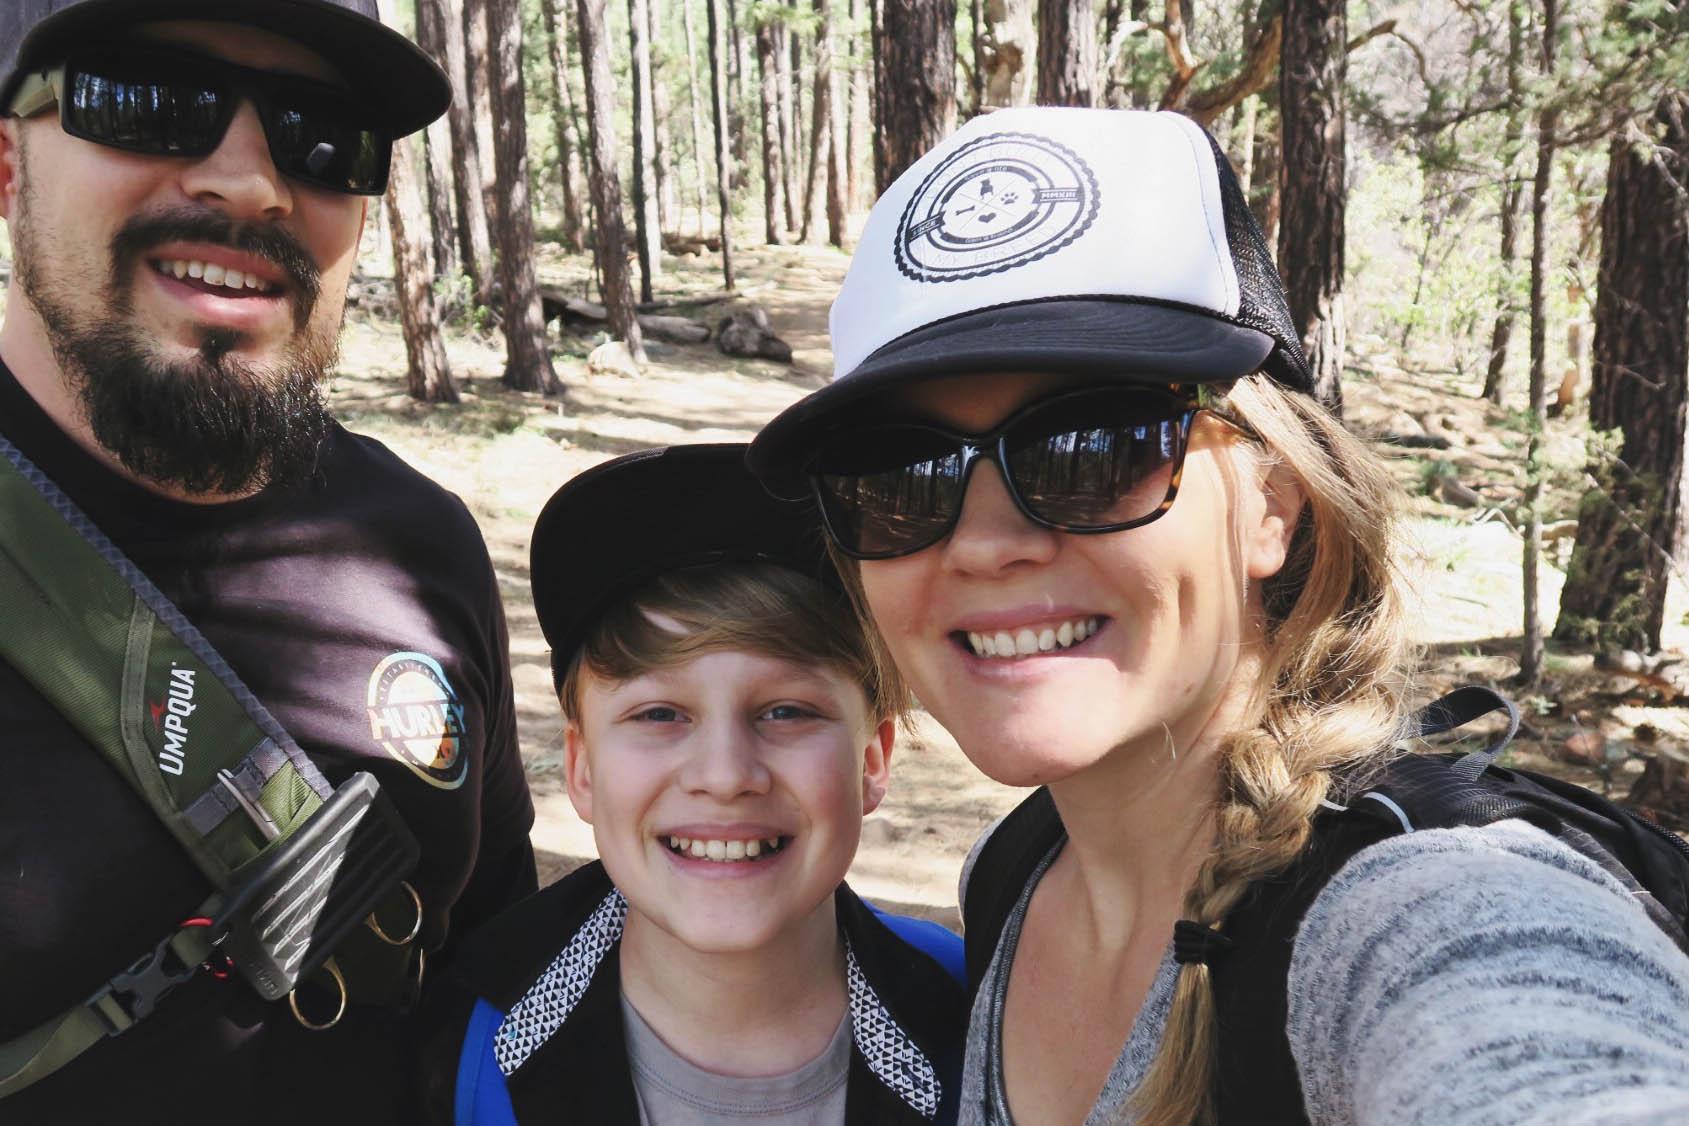 Day Trip to Payson, AZ Video + Scrapbook Page